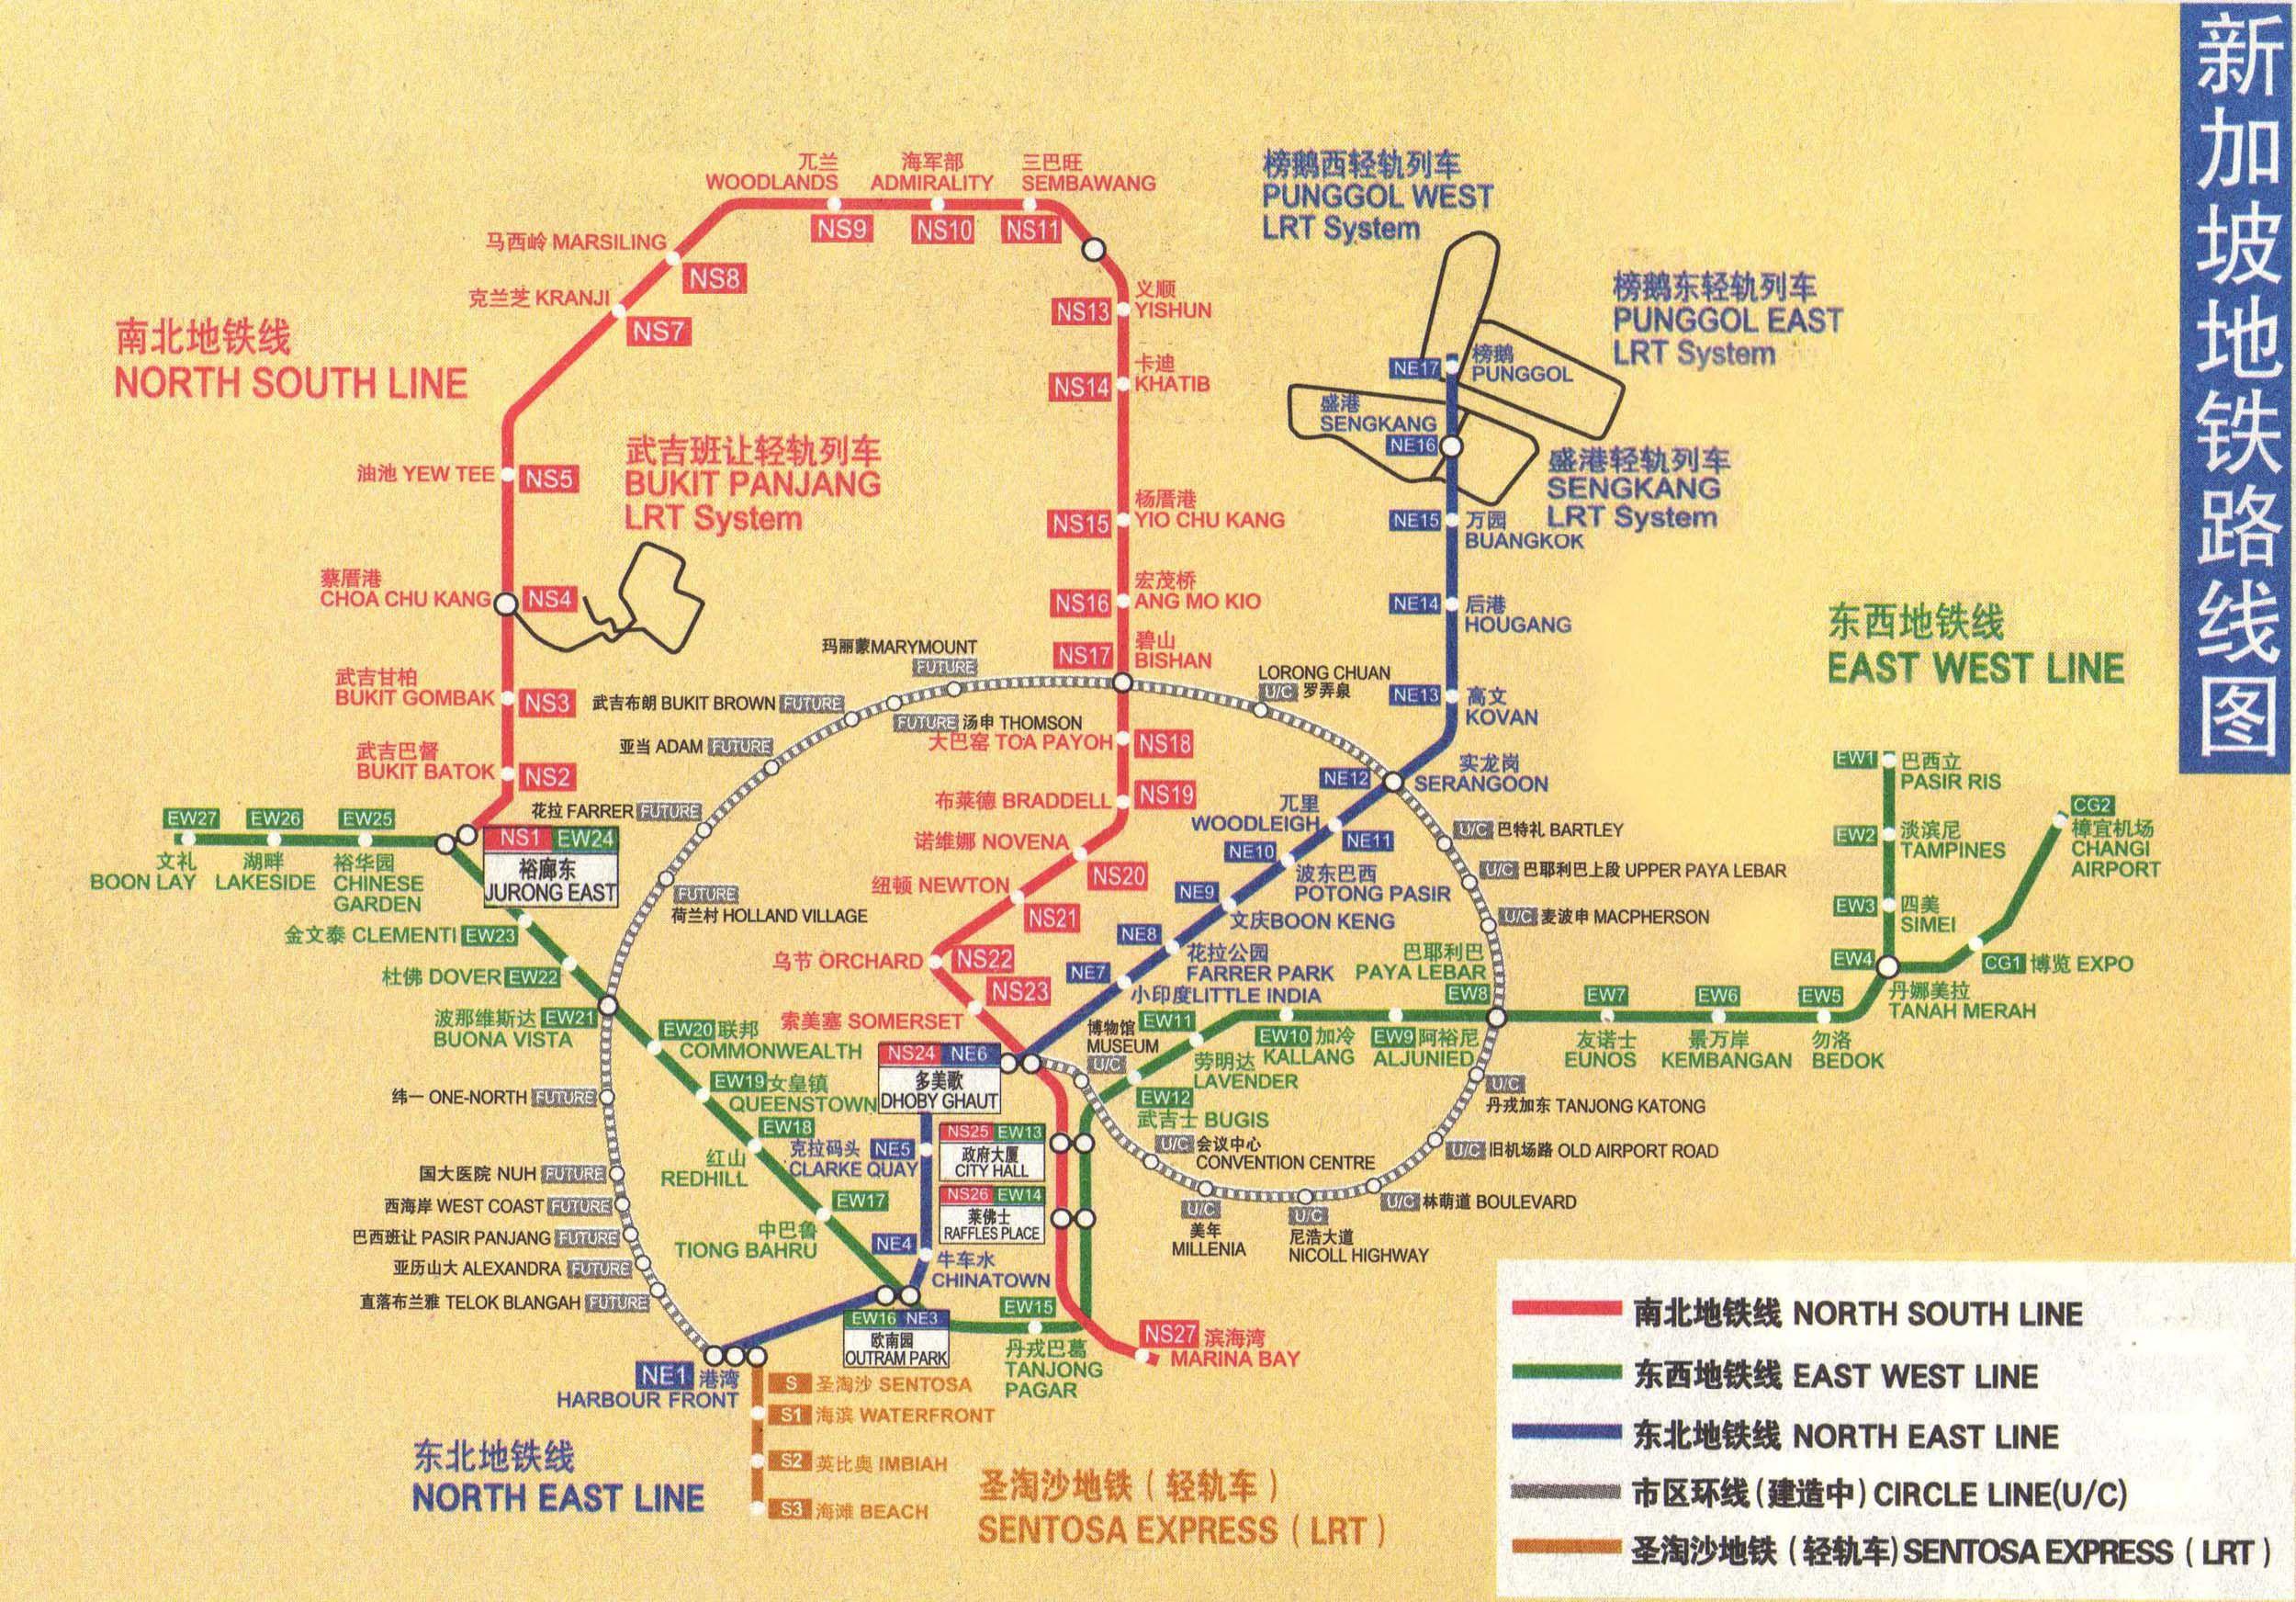 新加坡地铁线路图